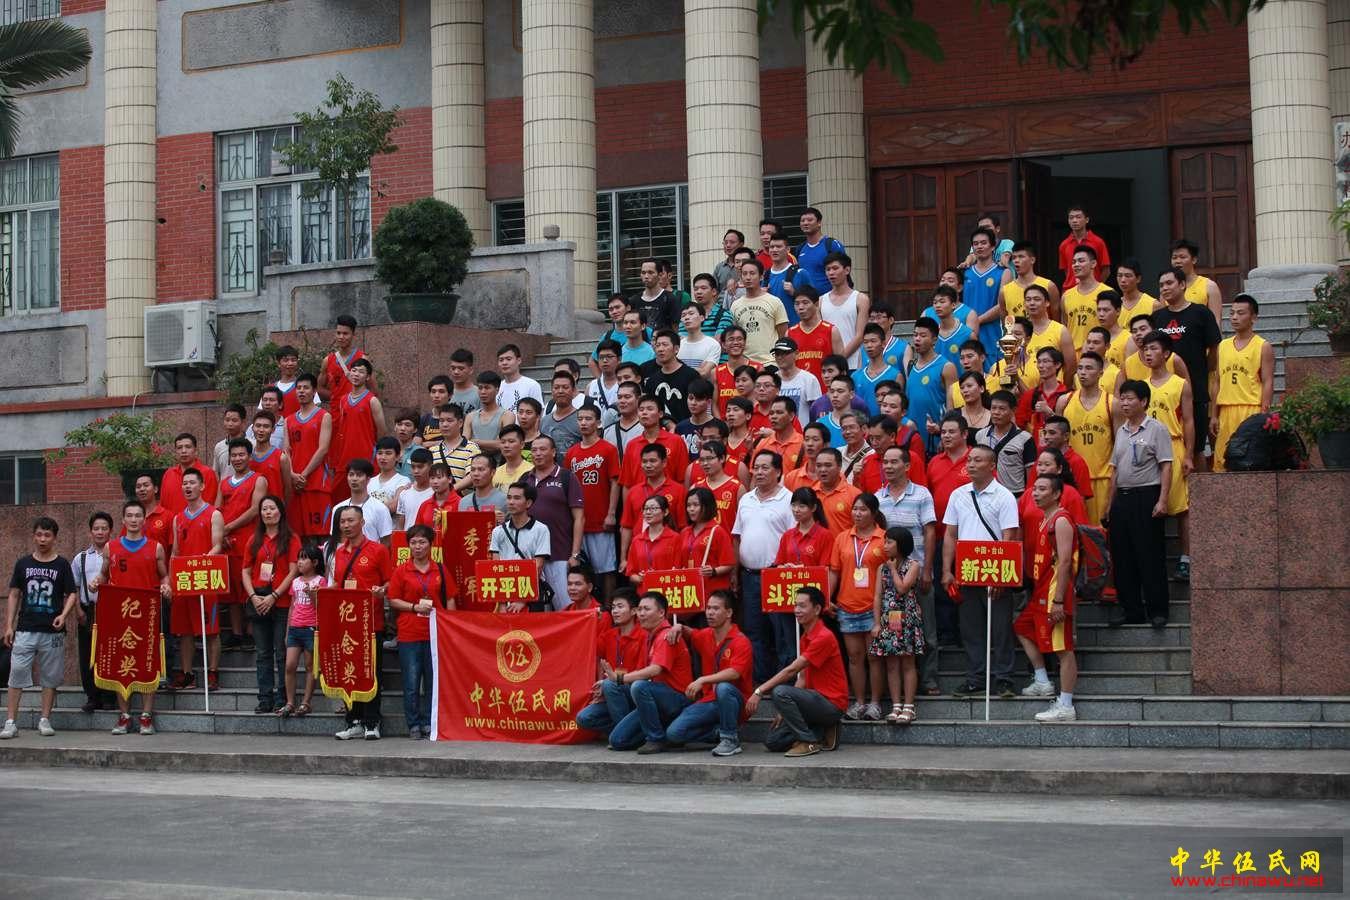 2014中华伍氏网第二届篮球联谊赛圆满成功